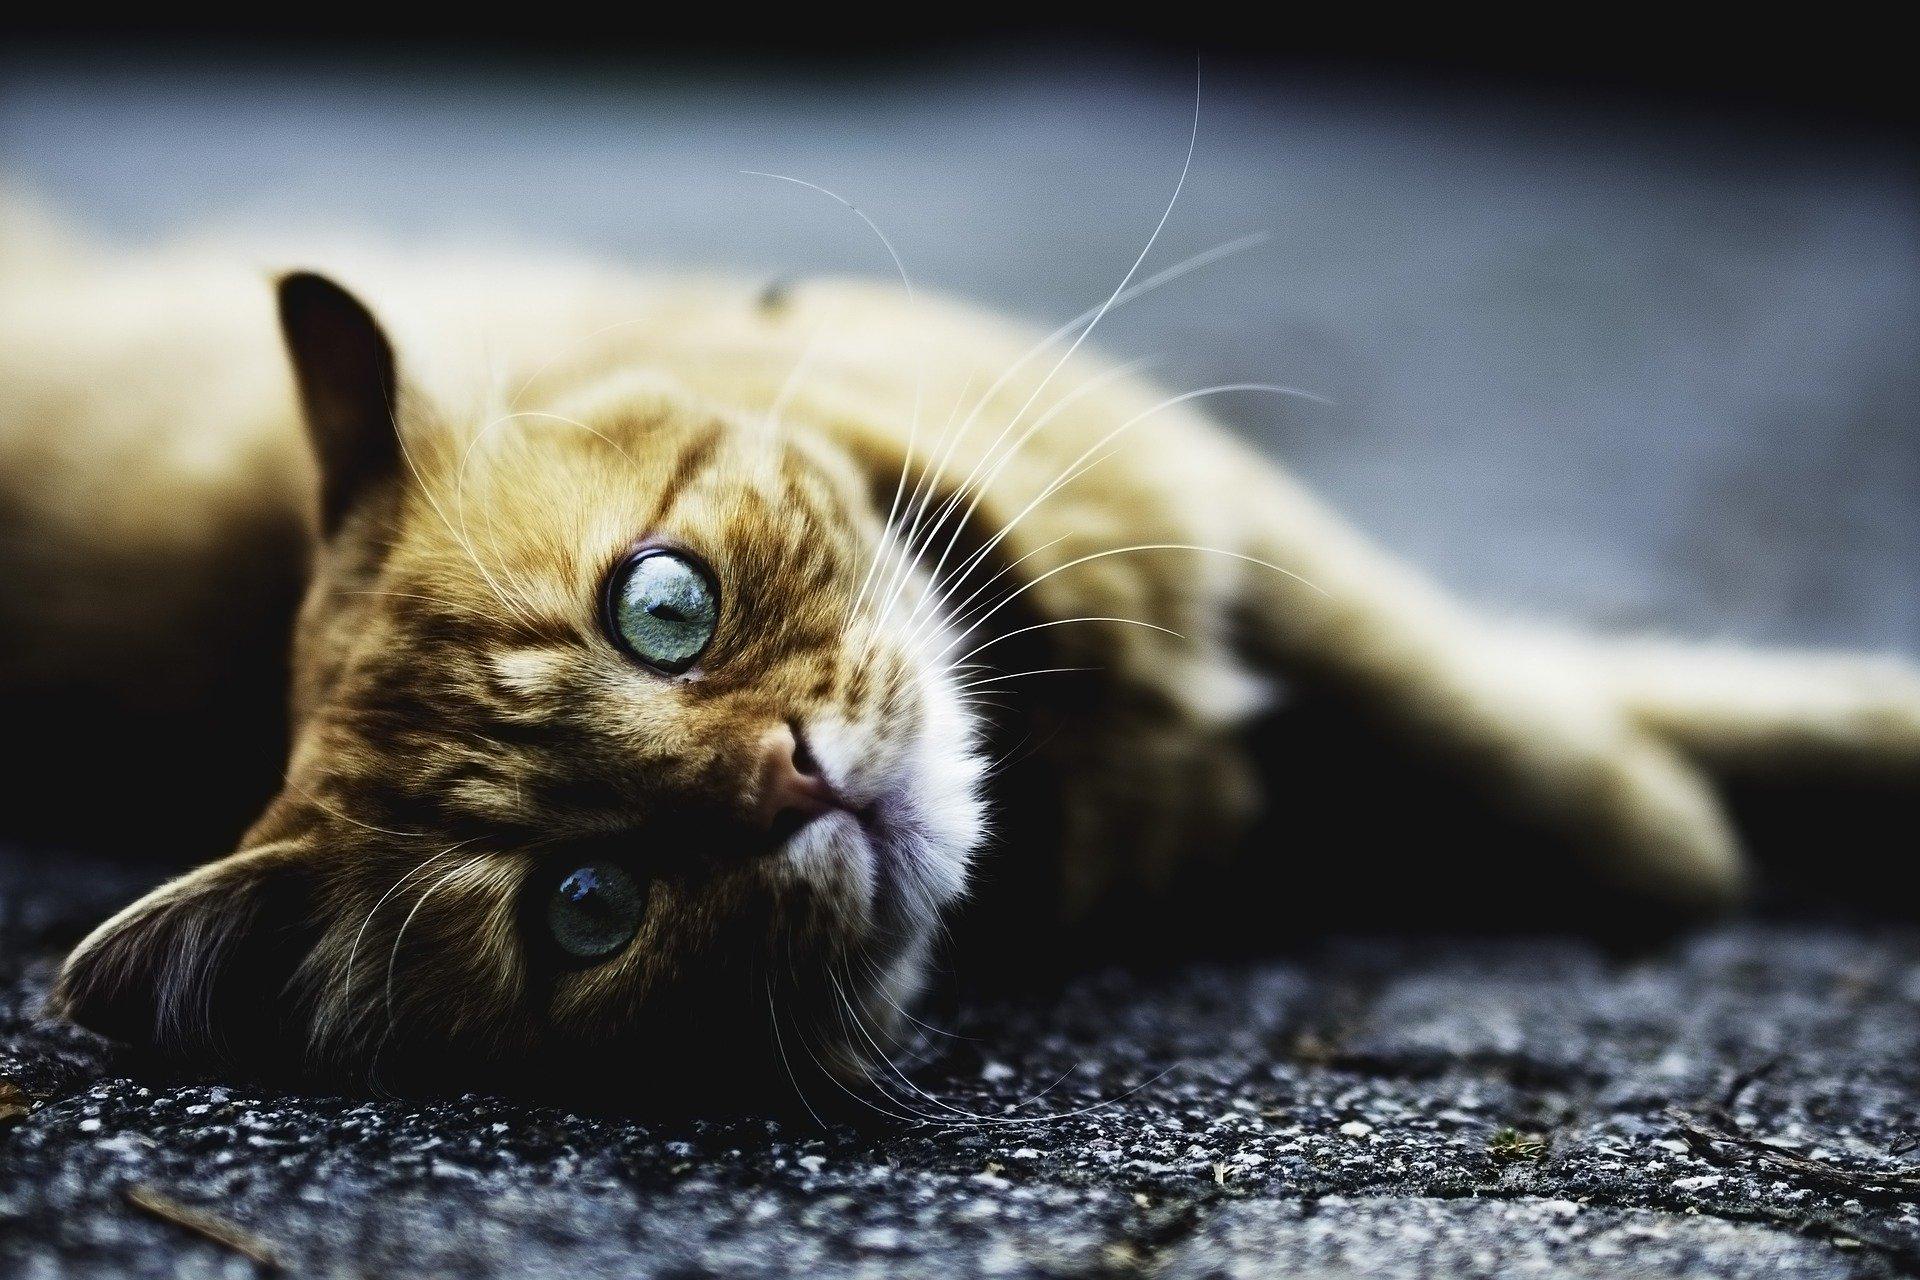 Katze auf dem Teppich